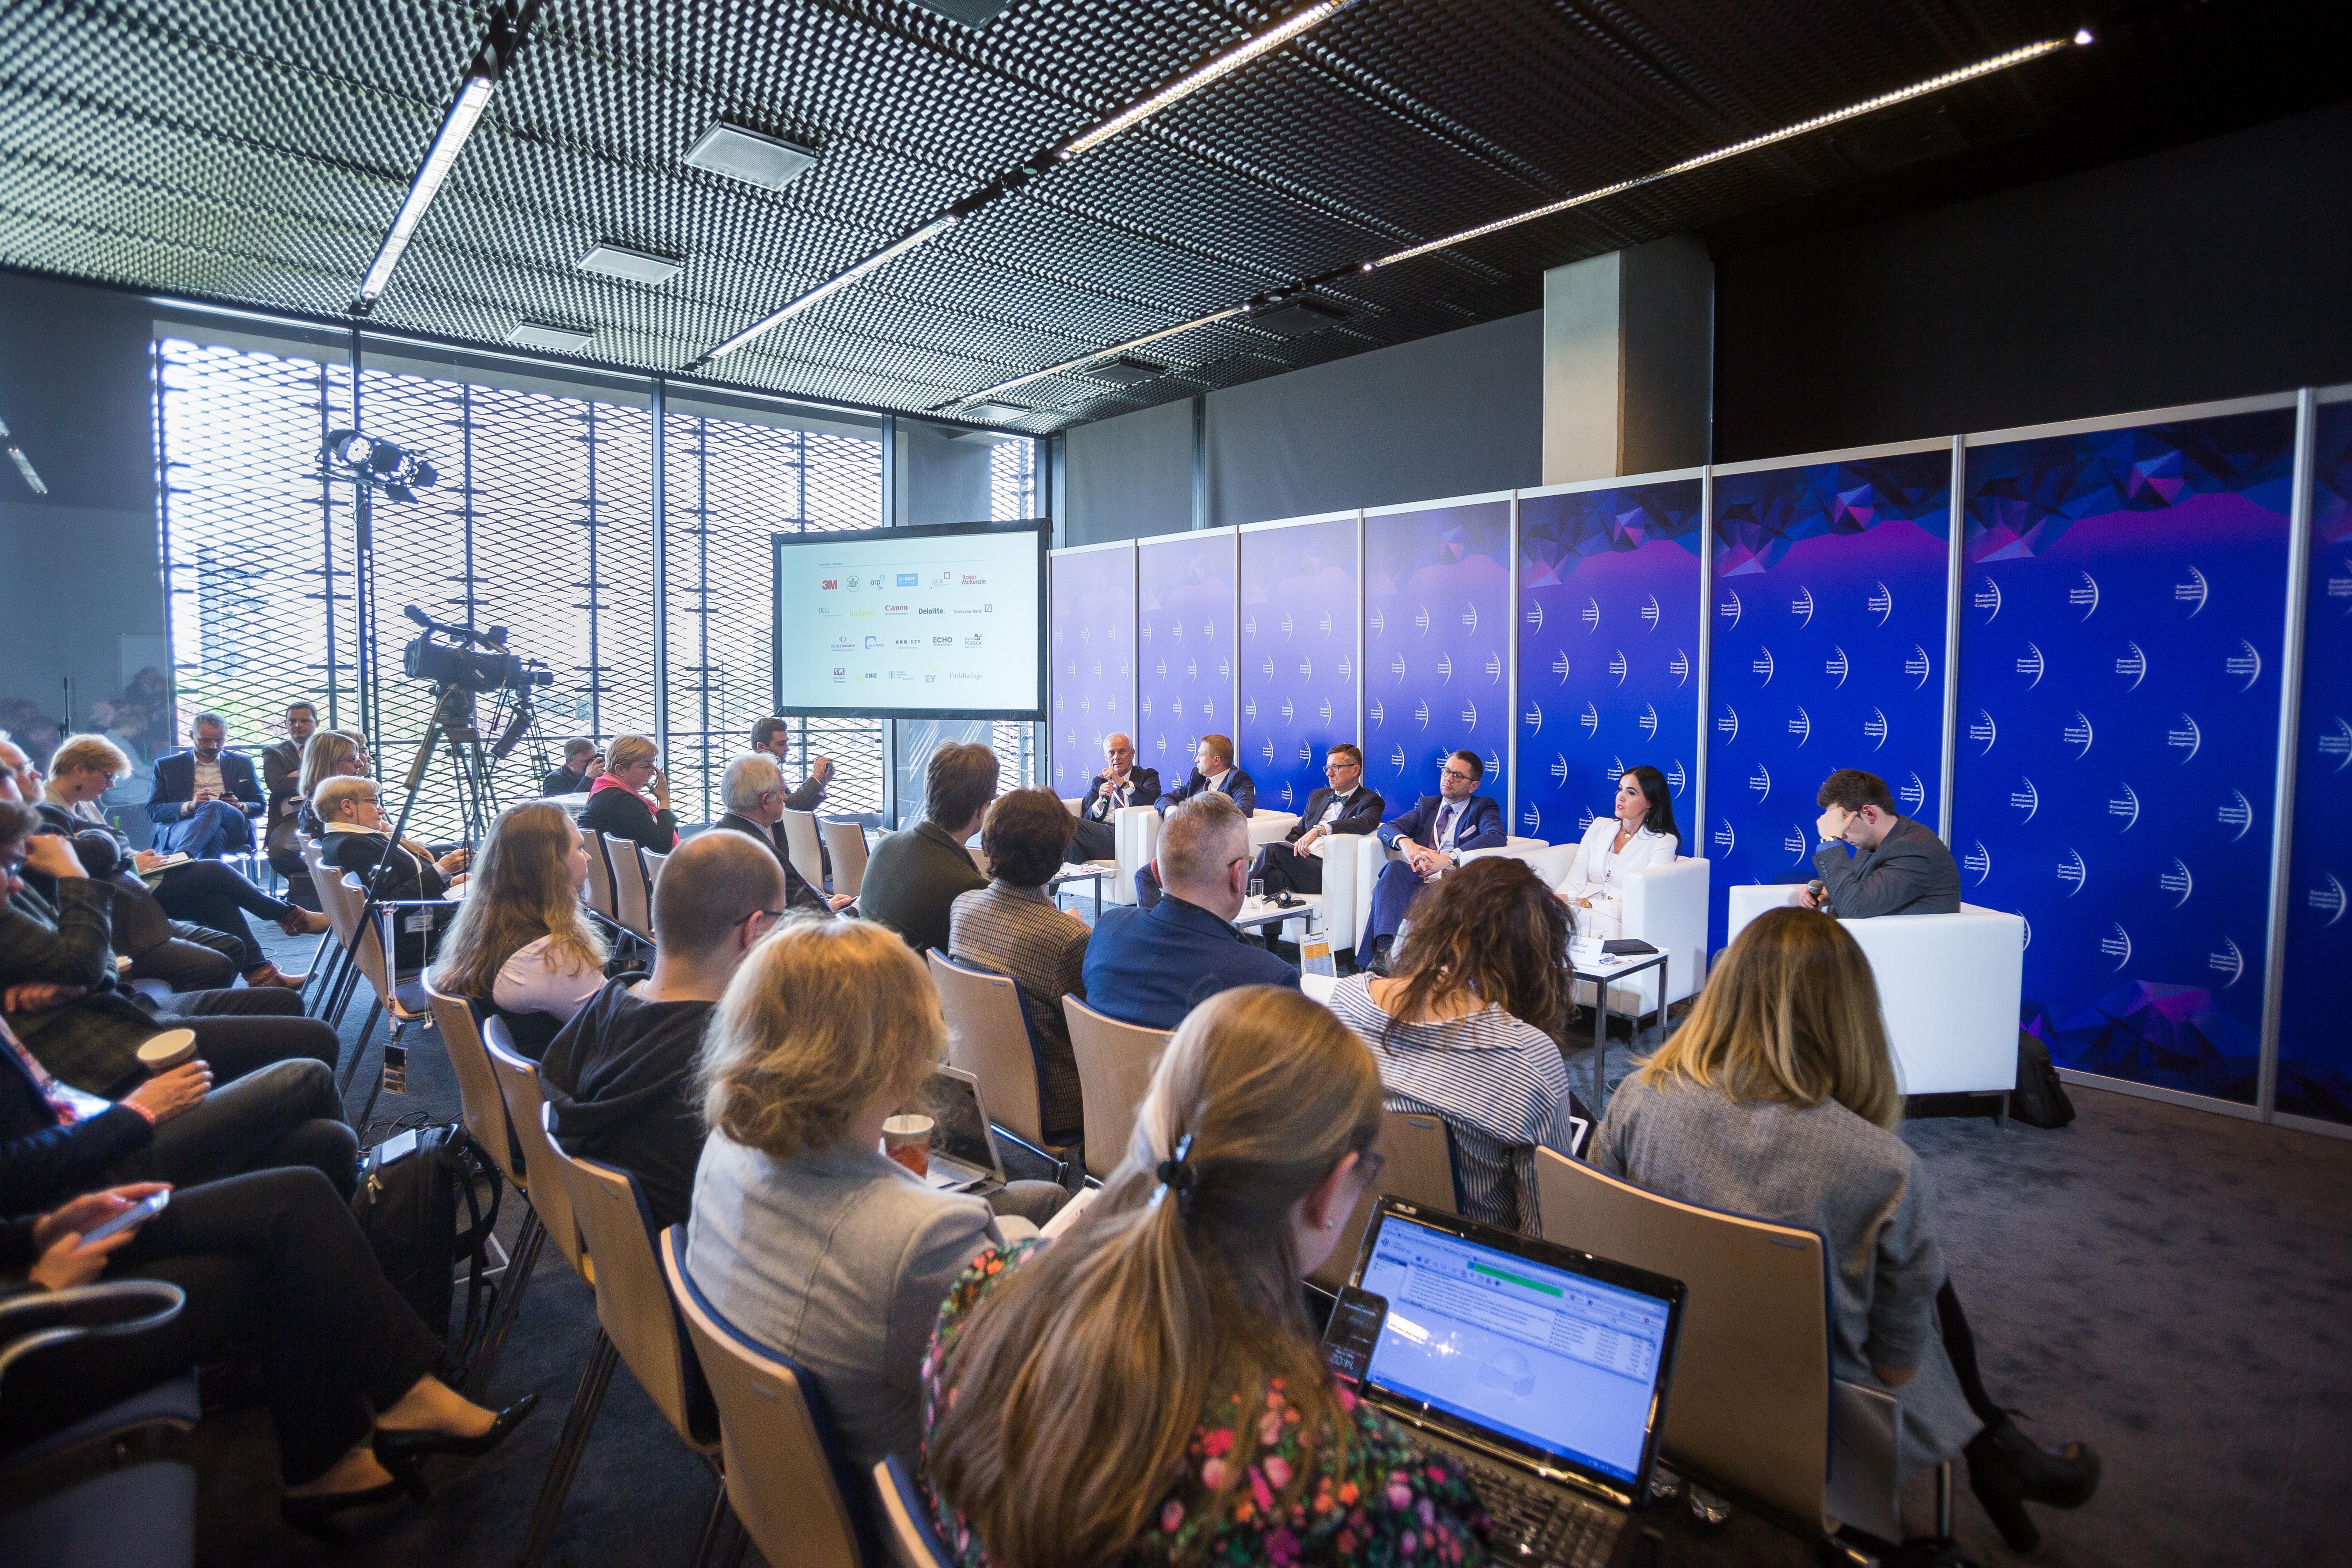 Dyskusja o nowoczesnej oświacie odbyła się podczas IX Europejskiego Kongresu Gospodarczego w Katowicach (fot. PTWP)